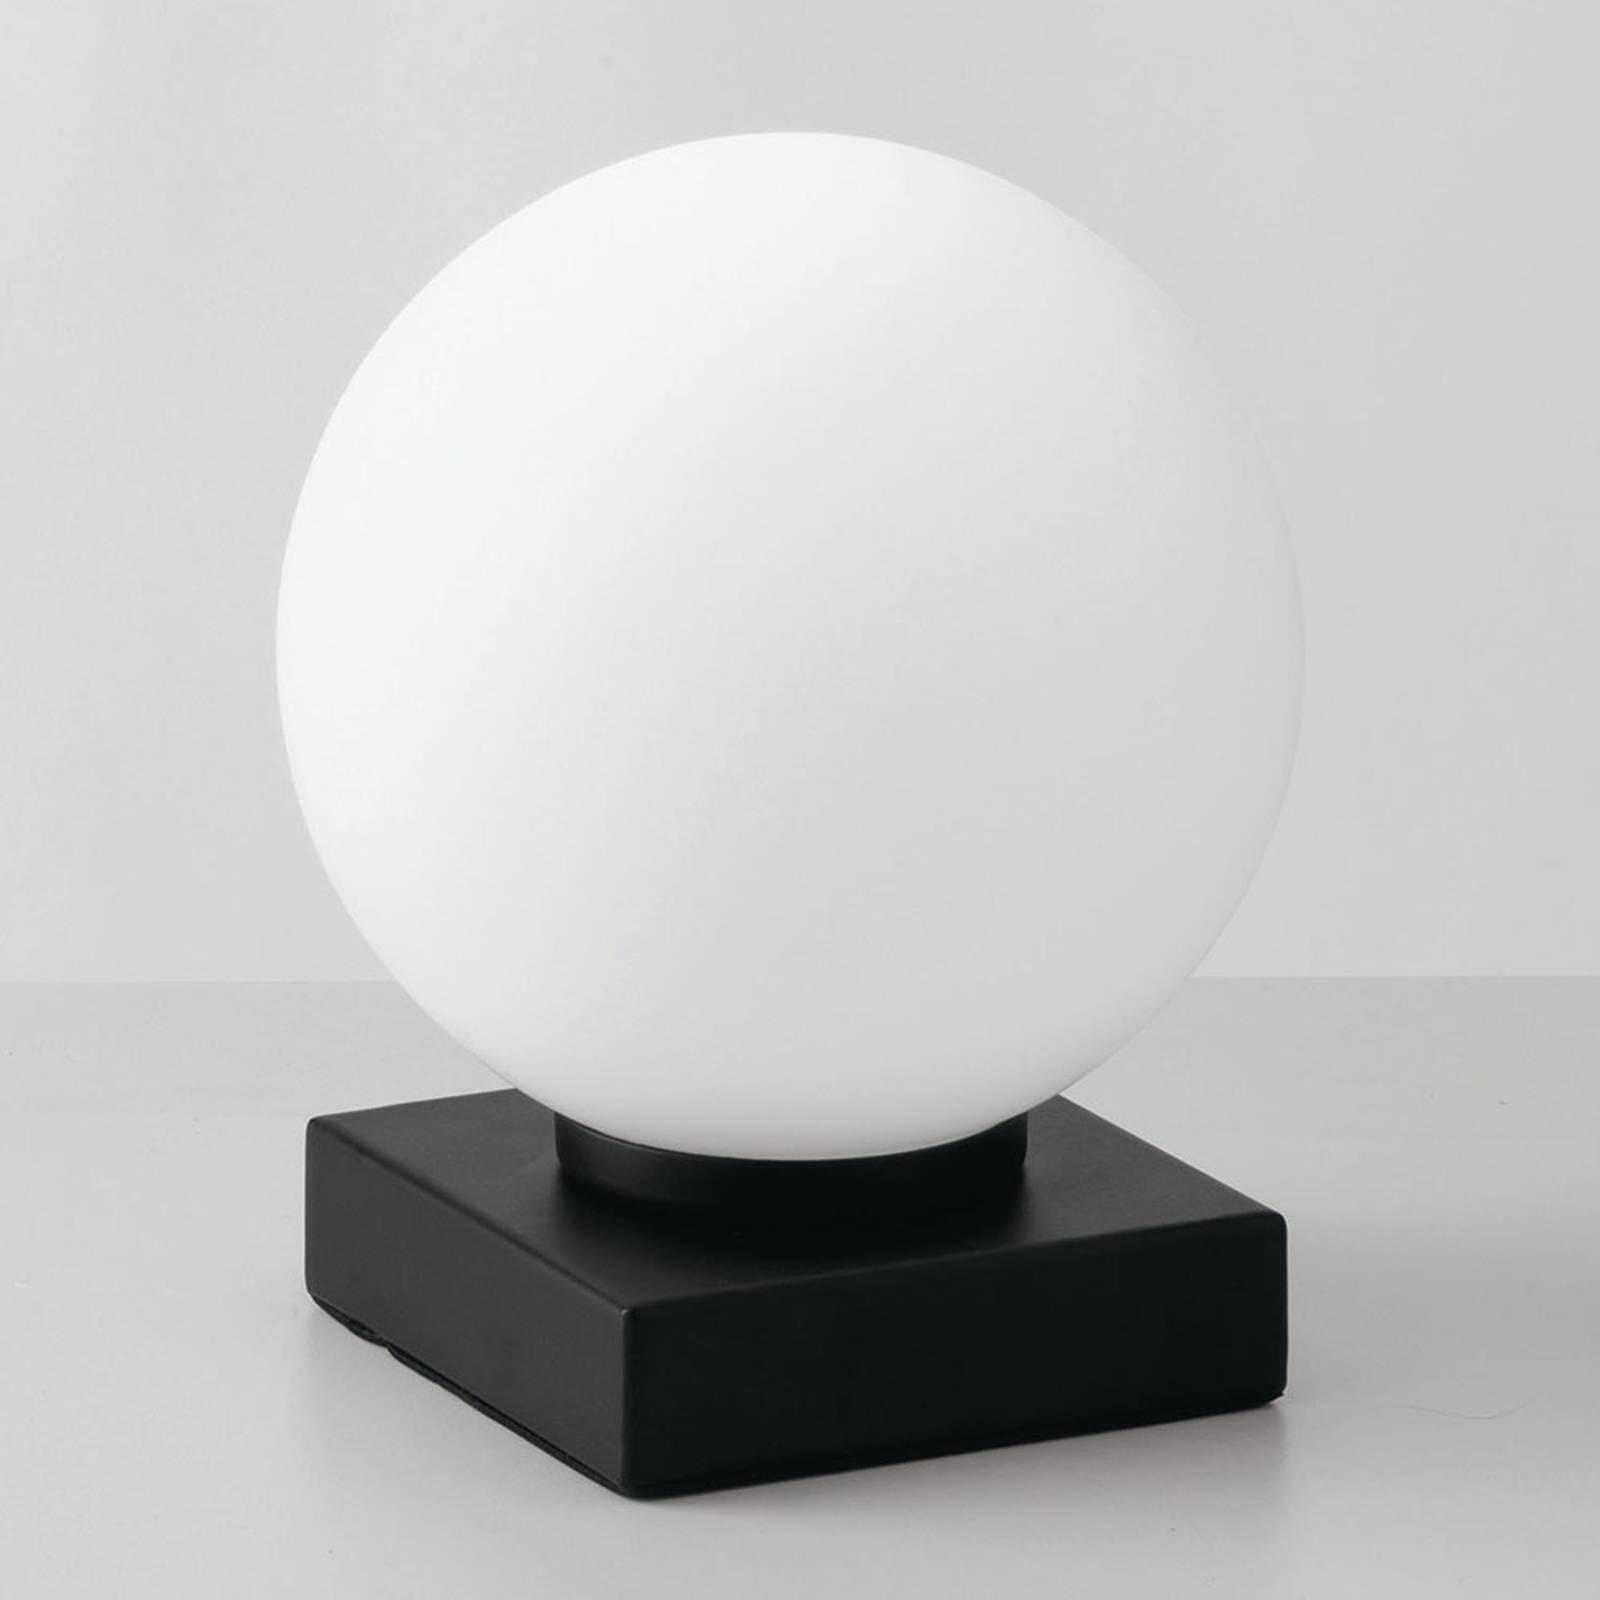 Pöytävalaisin Enoire musta ja valkoinen, 1-lamp.